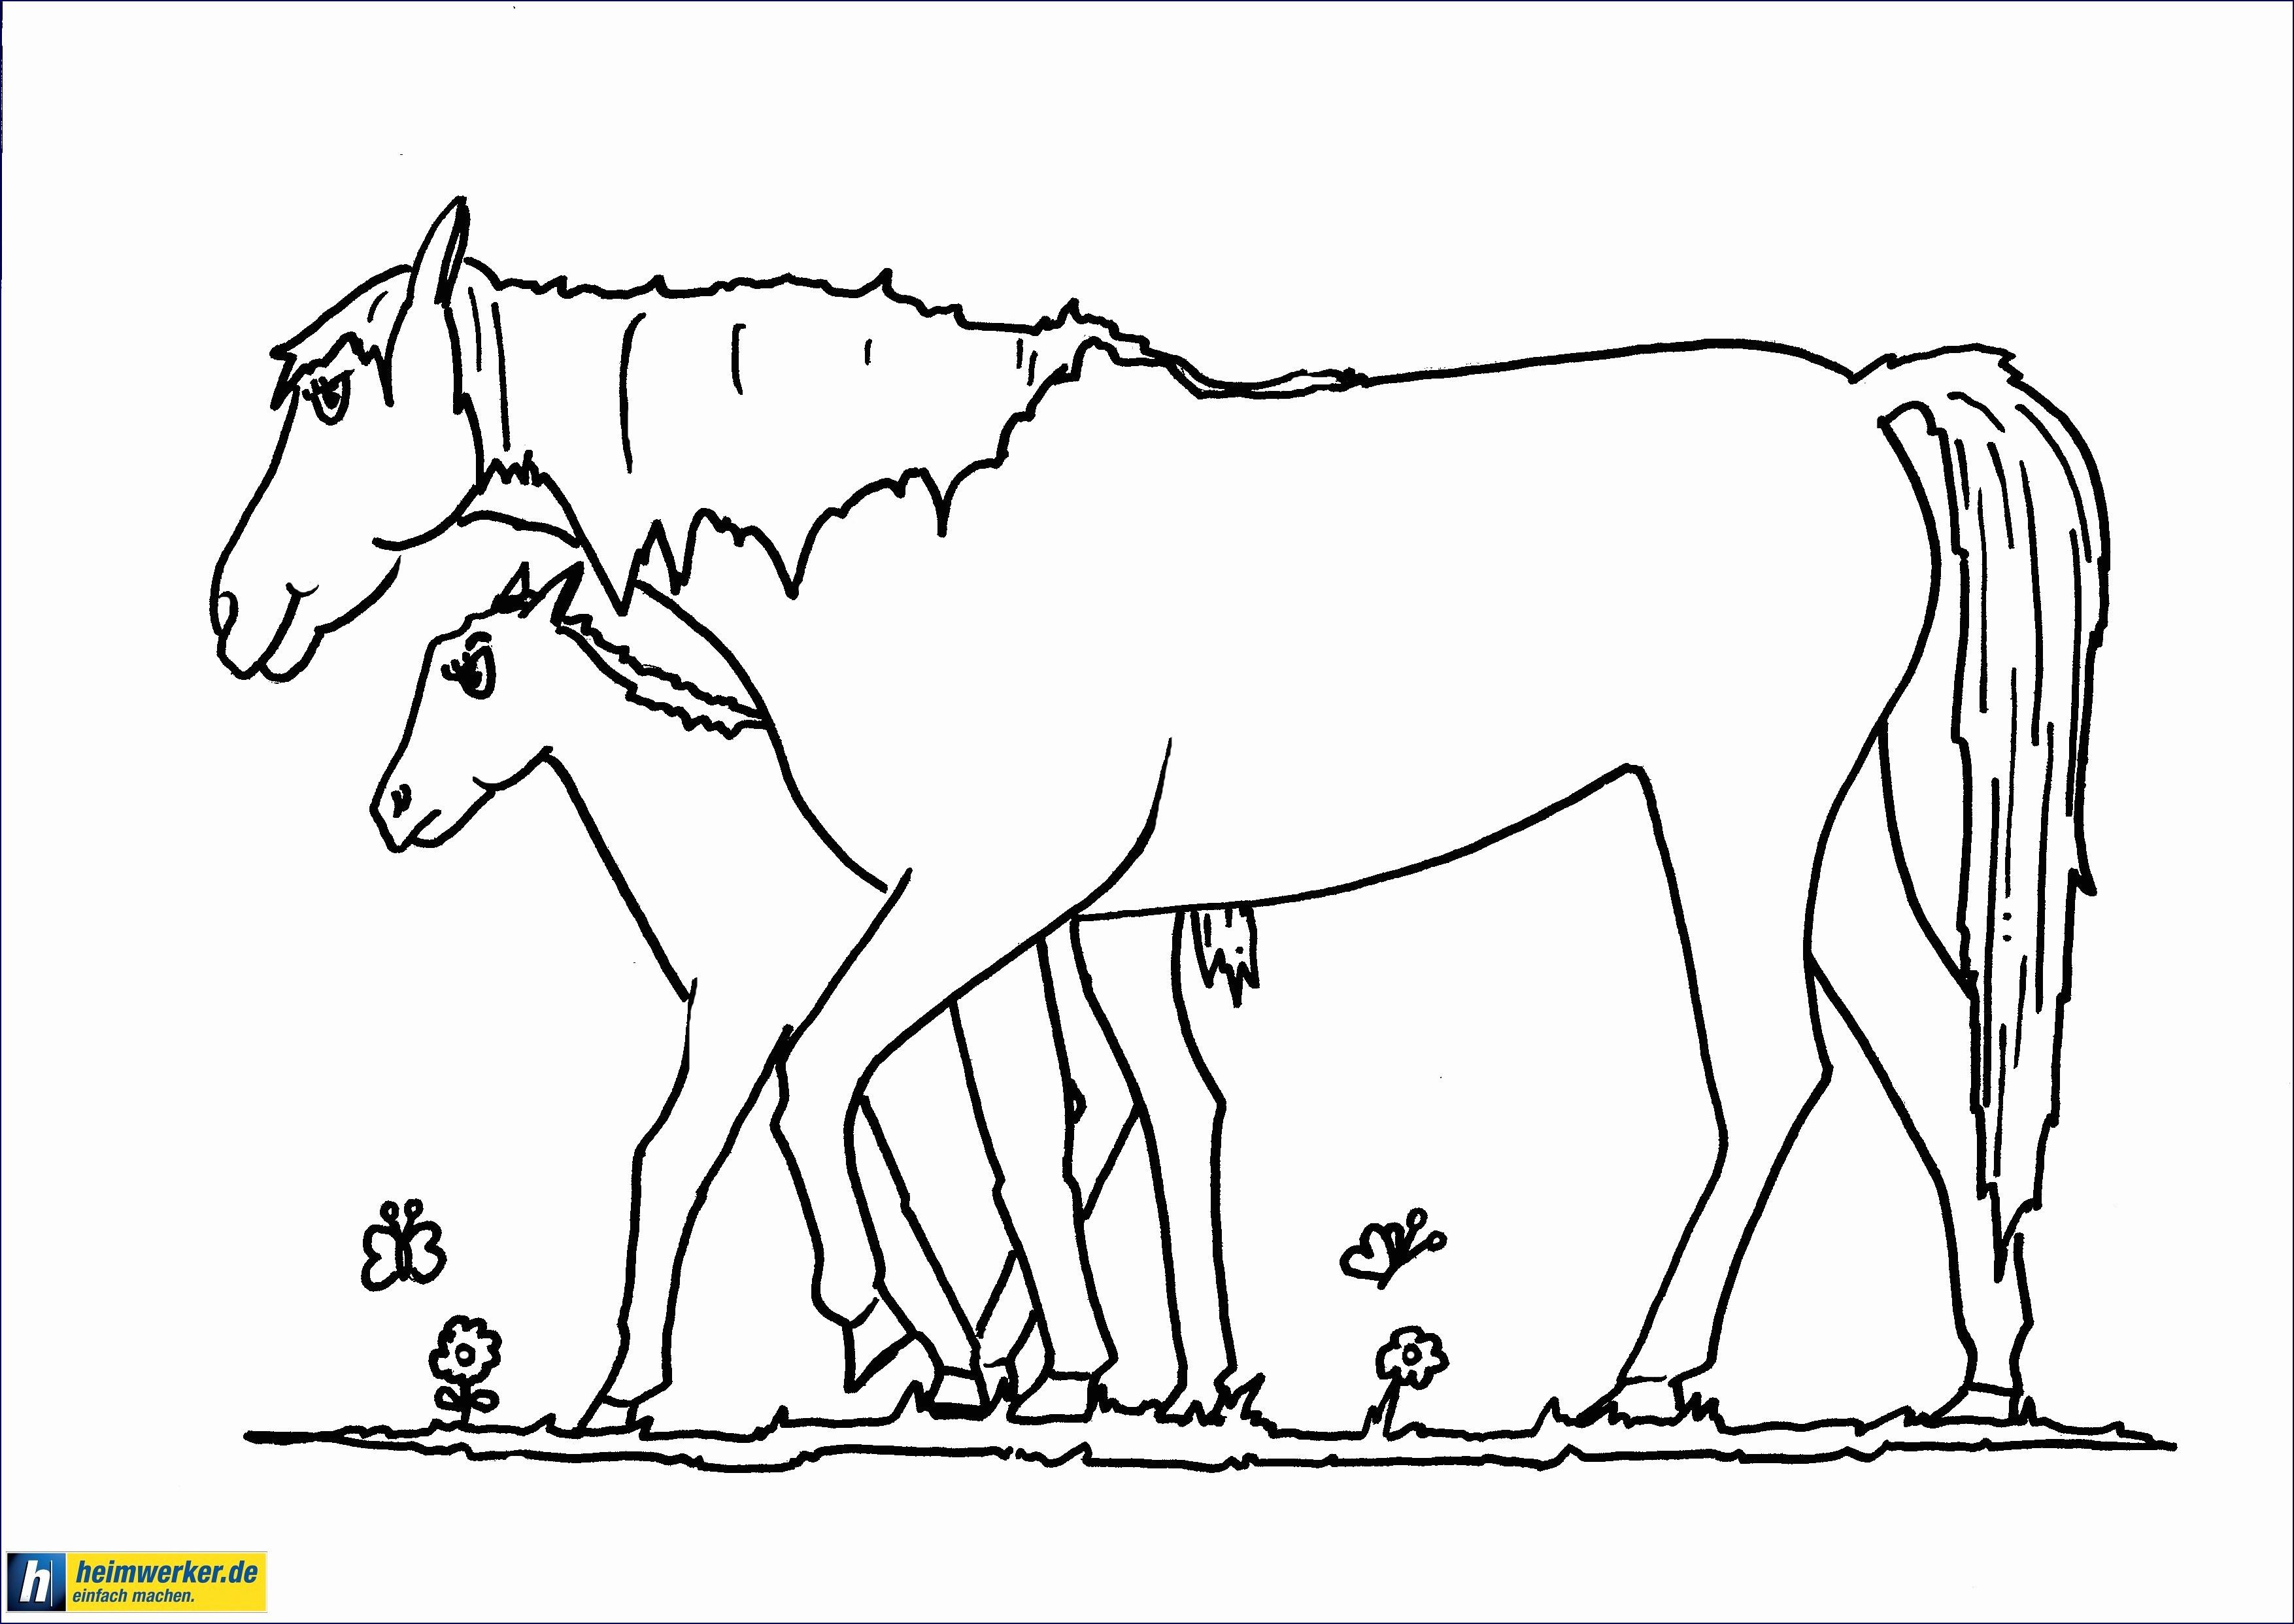 Jakob Und Esau Ausmalbilder Inspirierend 48 Neu Ausmalbilder Lego